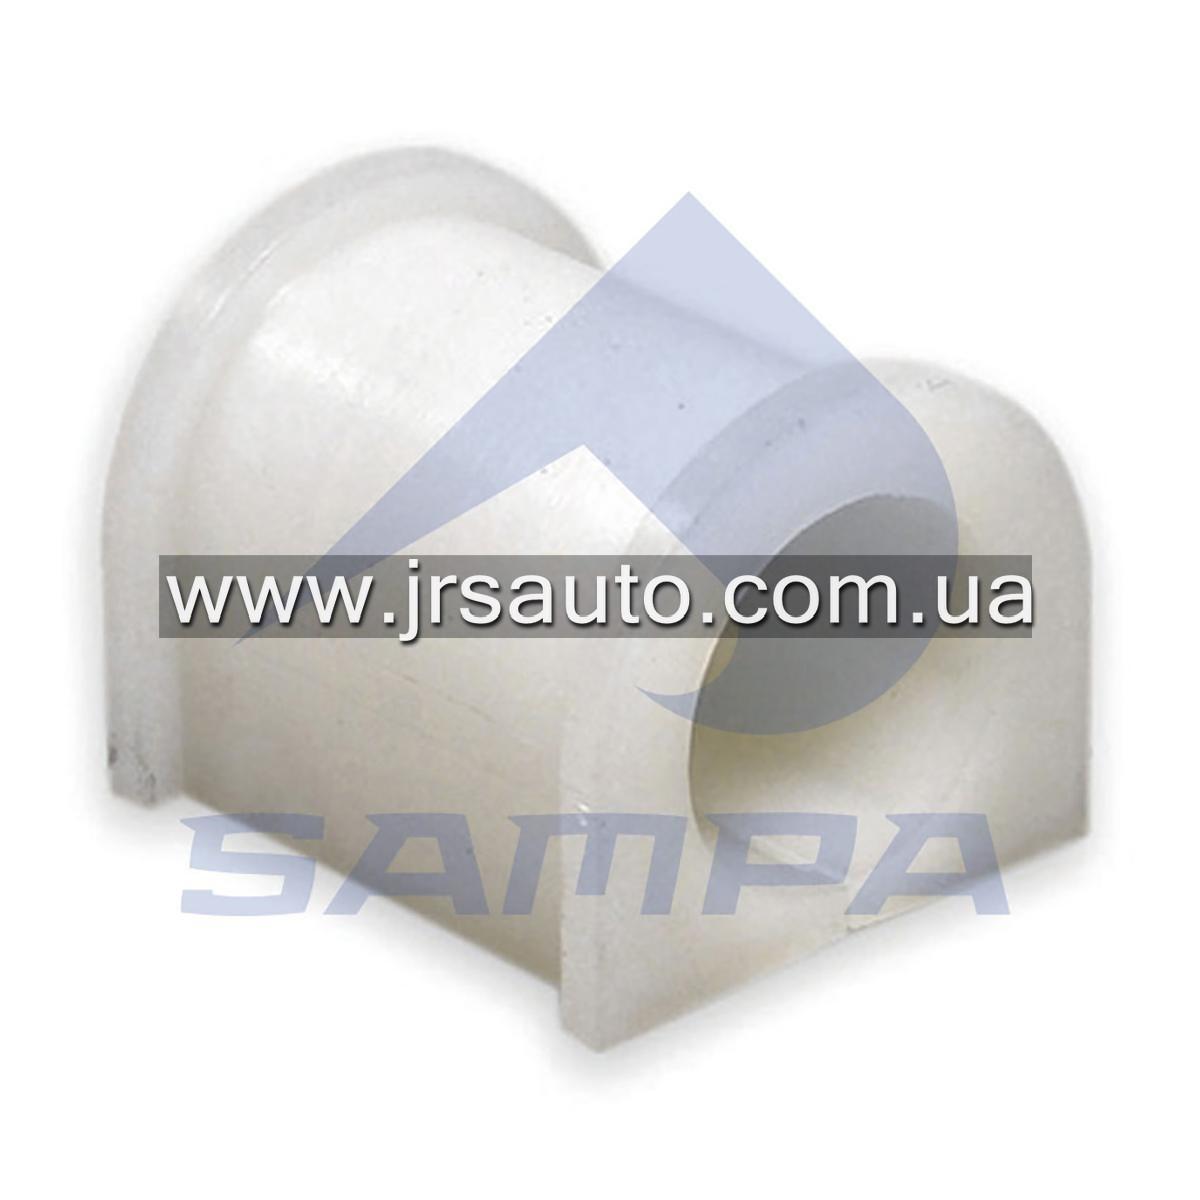 Втулка стабилизатора передняя/зад (40х51х71) \6772312 \ 030.035